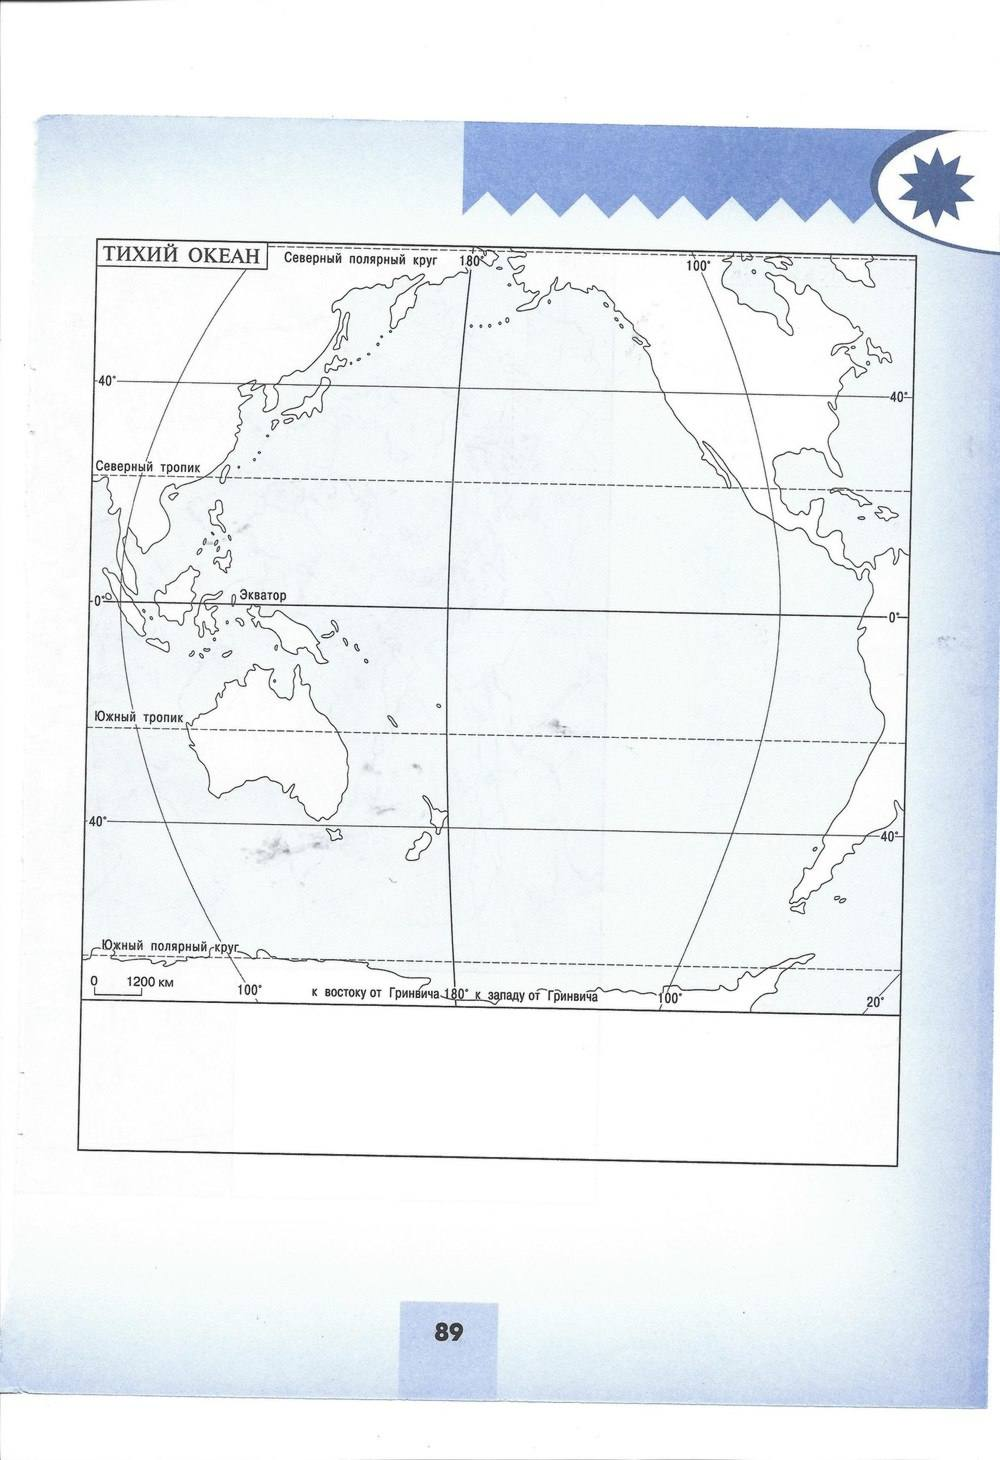 Гдз по географии 7 класс рабочая тетрадь в.в николина онлайн